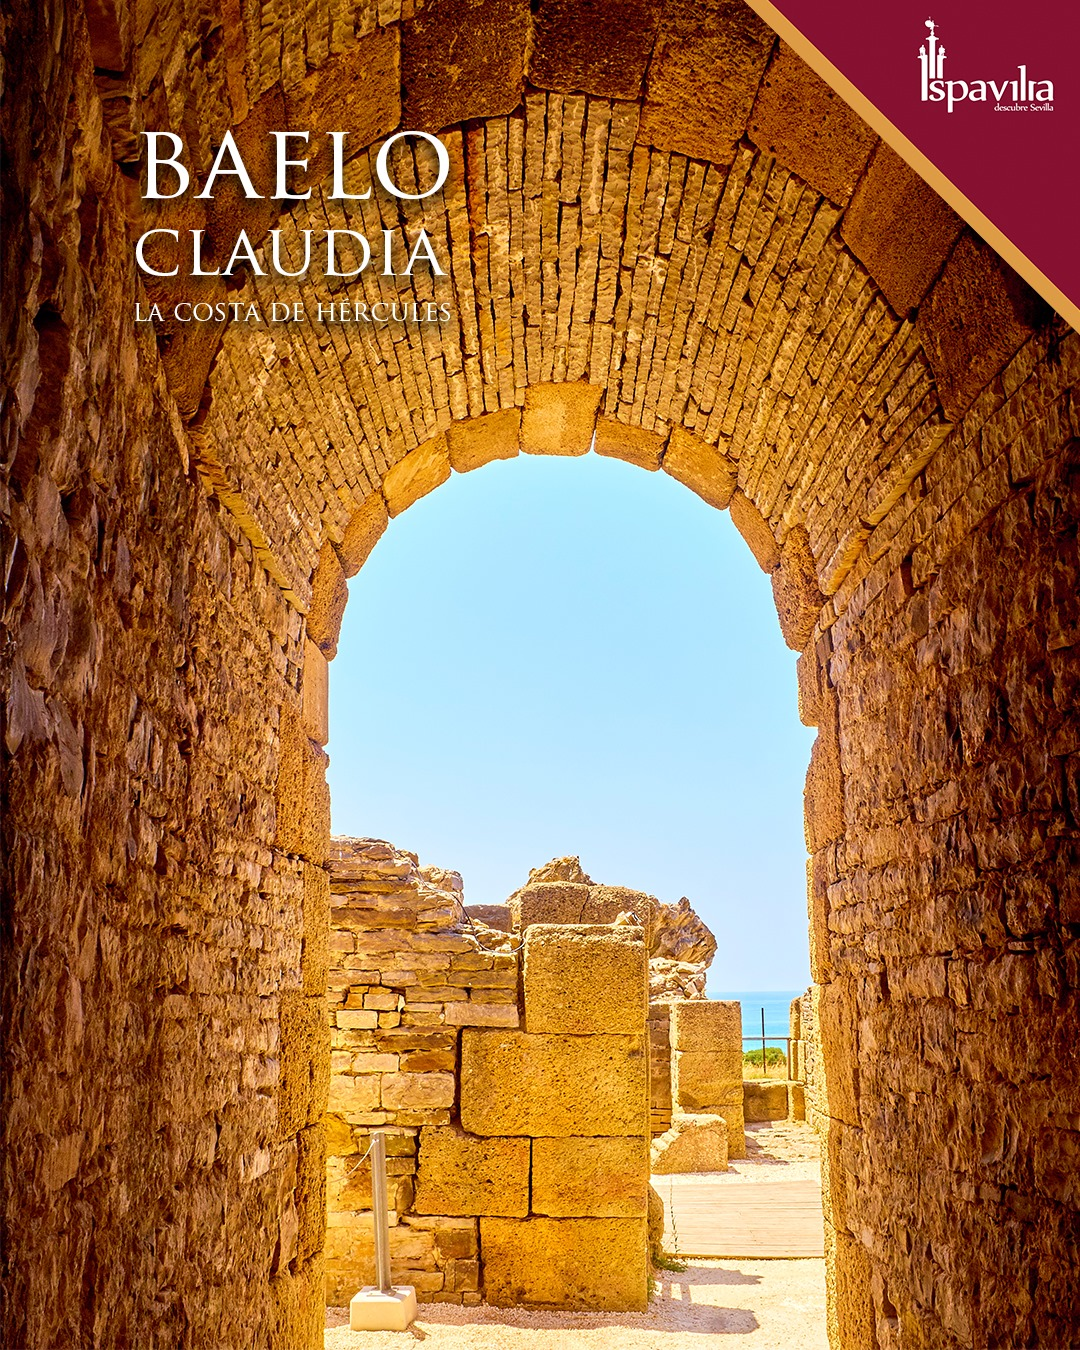 Ruta Cultural 'Baelo Claudia, La costa de Hercules'